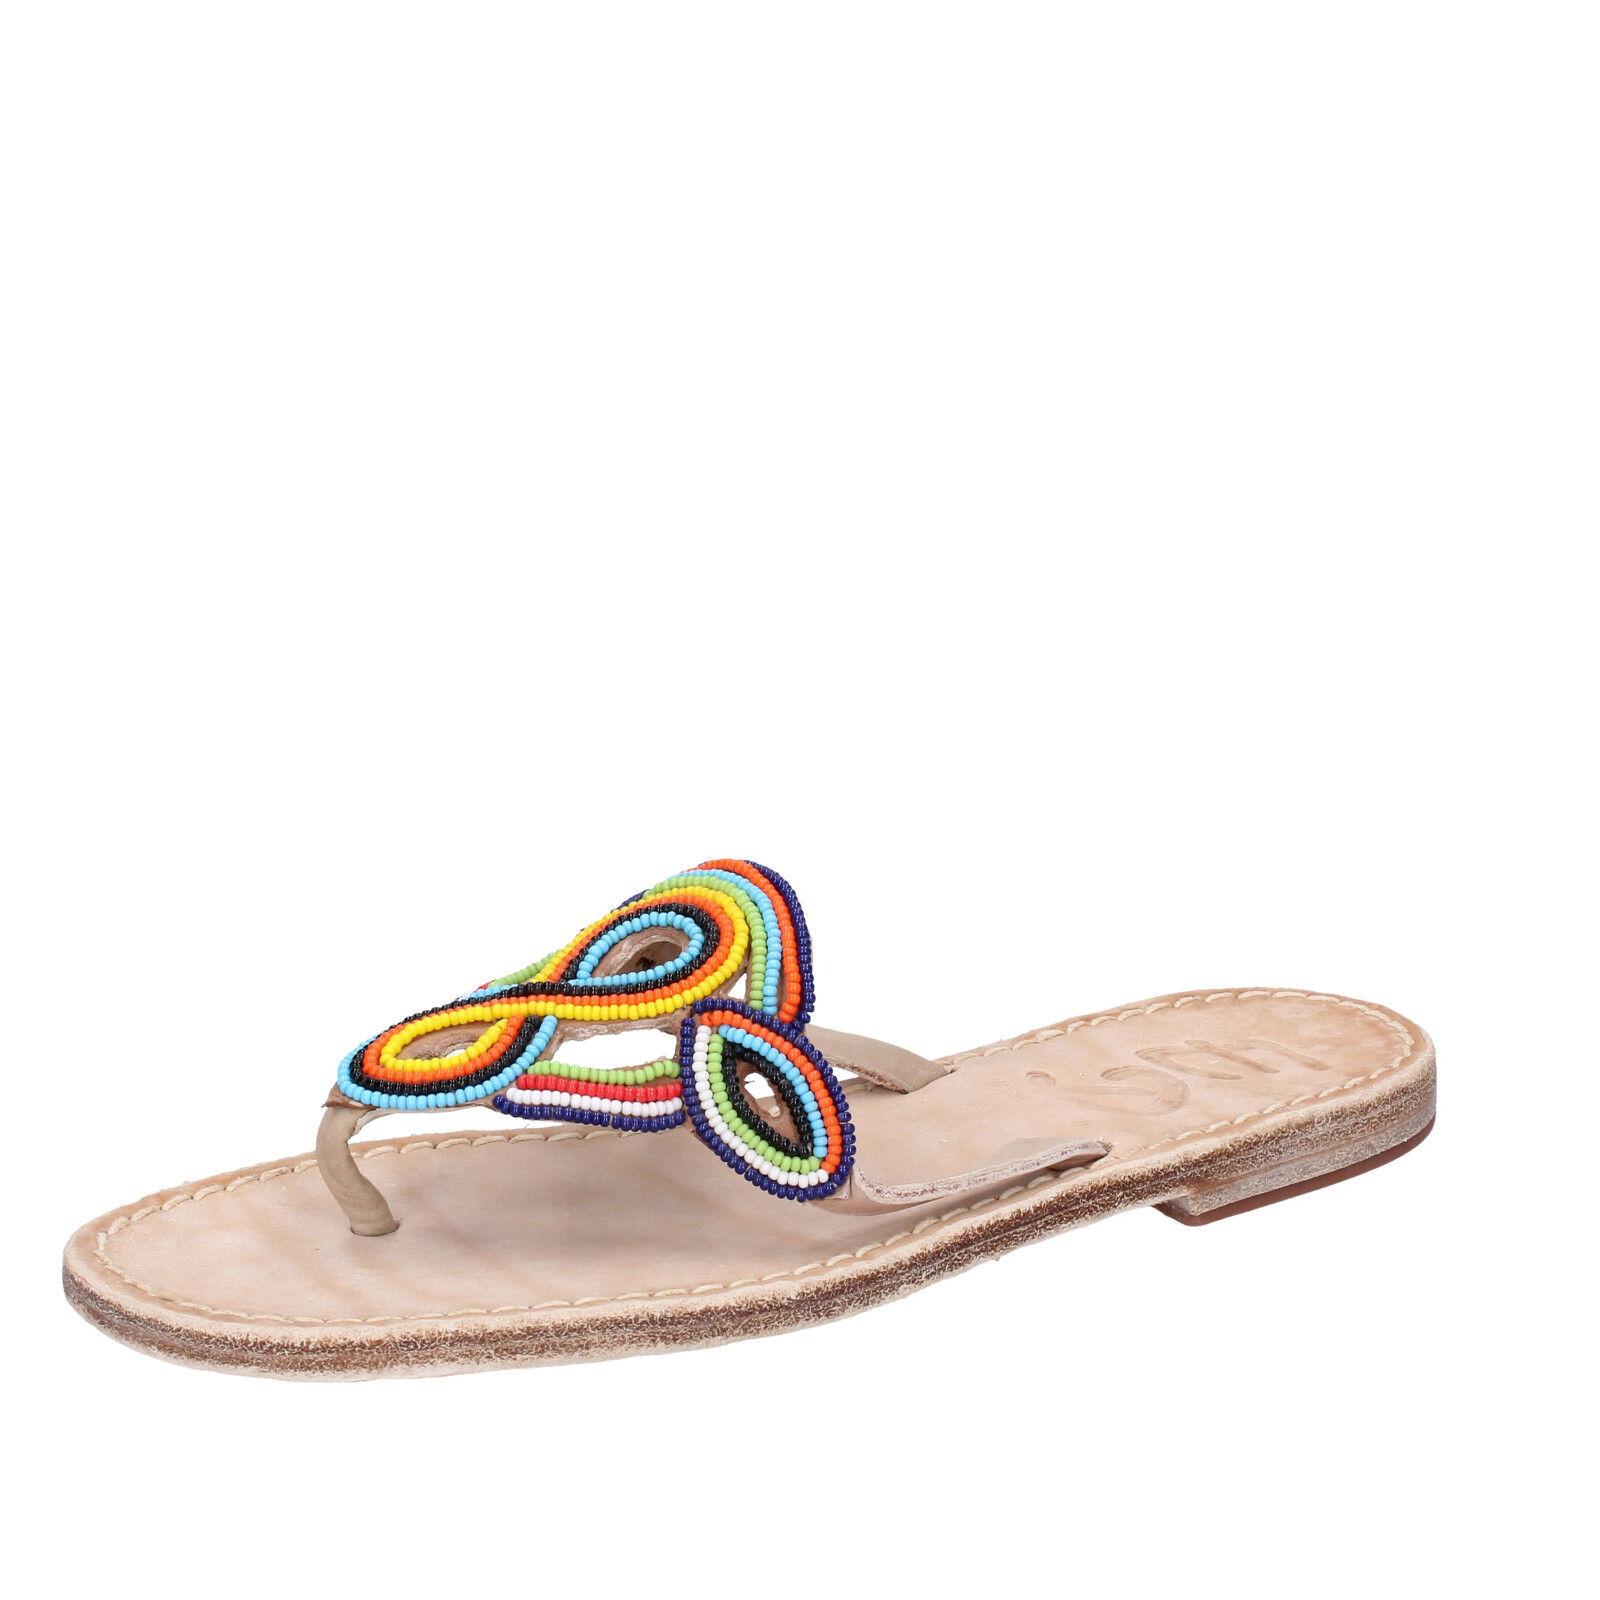 Damens's schuhe EDDY DANIELE 7 (EU 37) Sandale multicolor Leder AV408